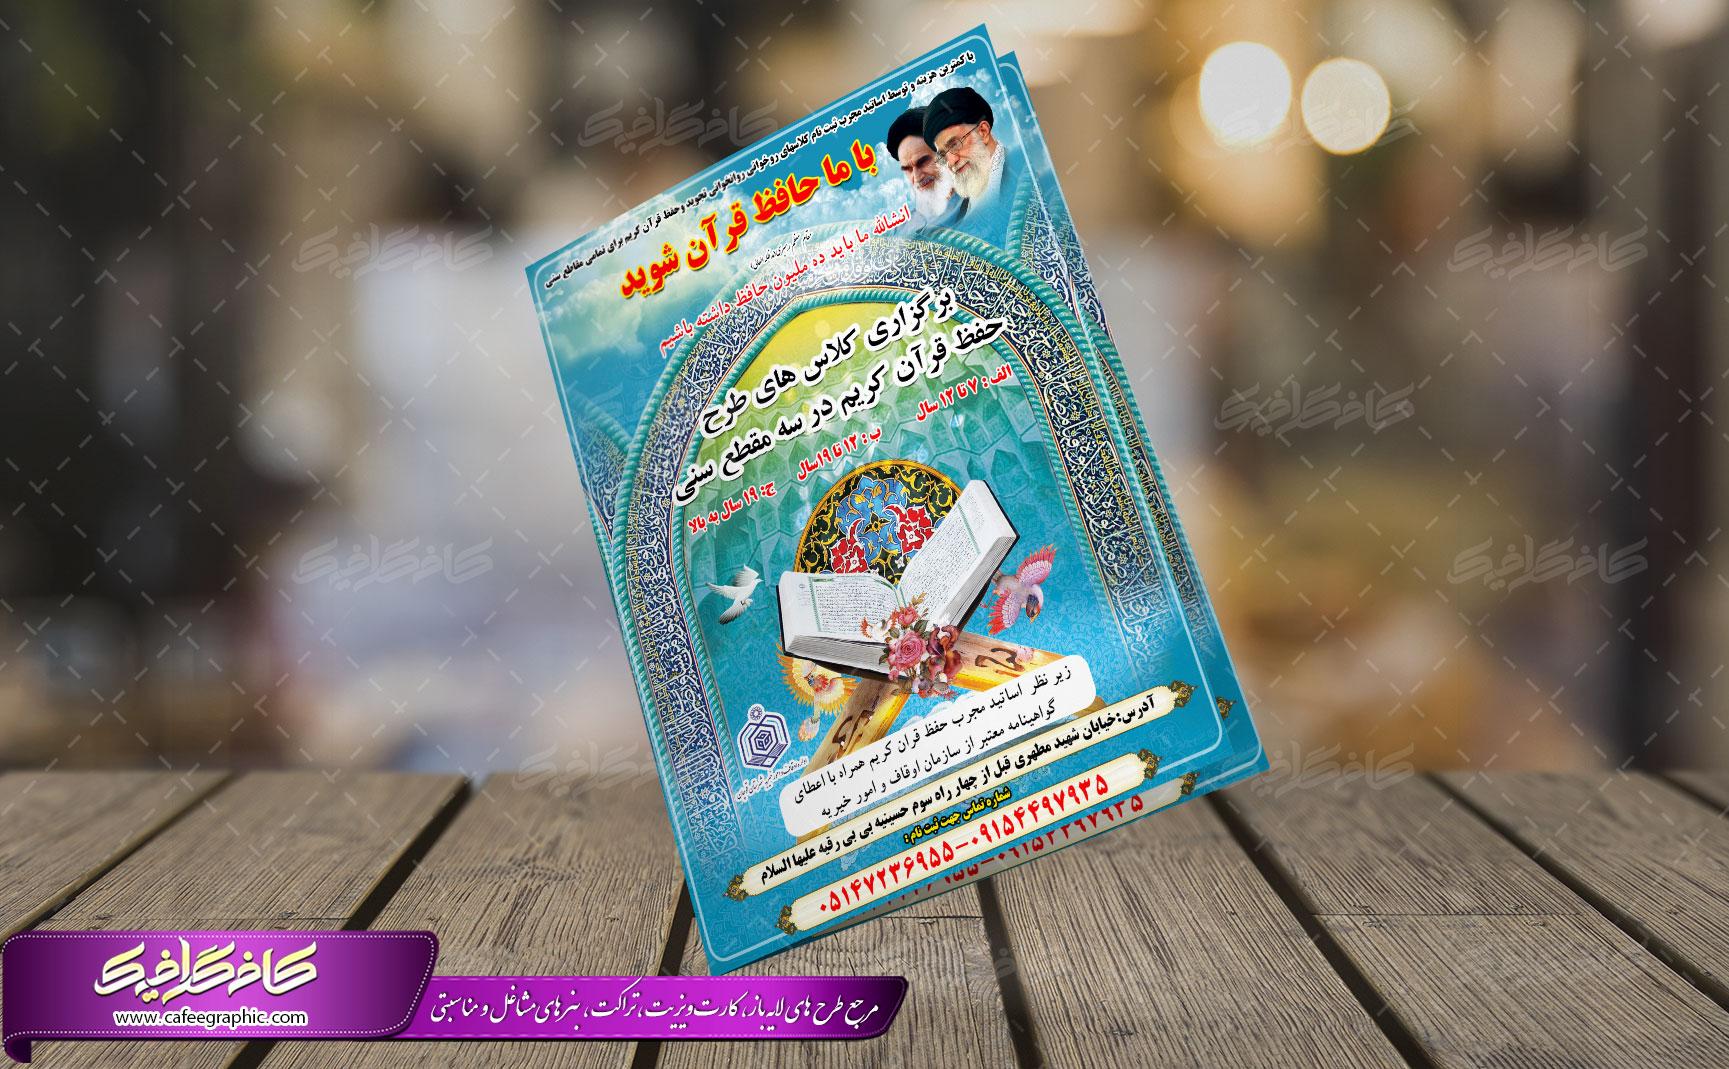 تراکت کلاس های قرآنی